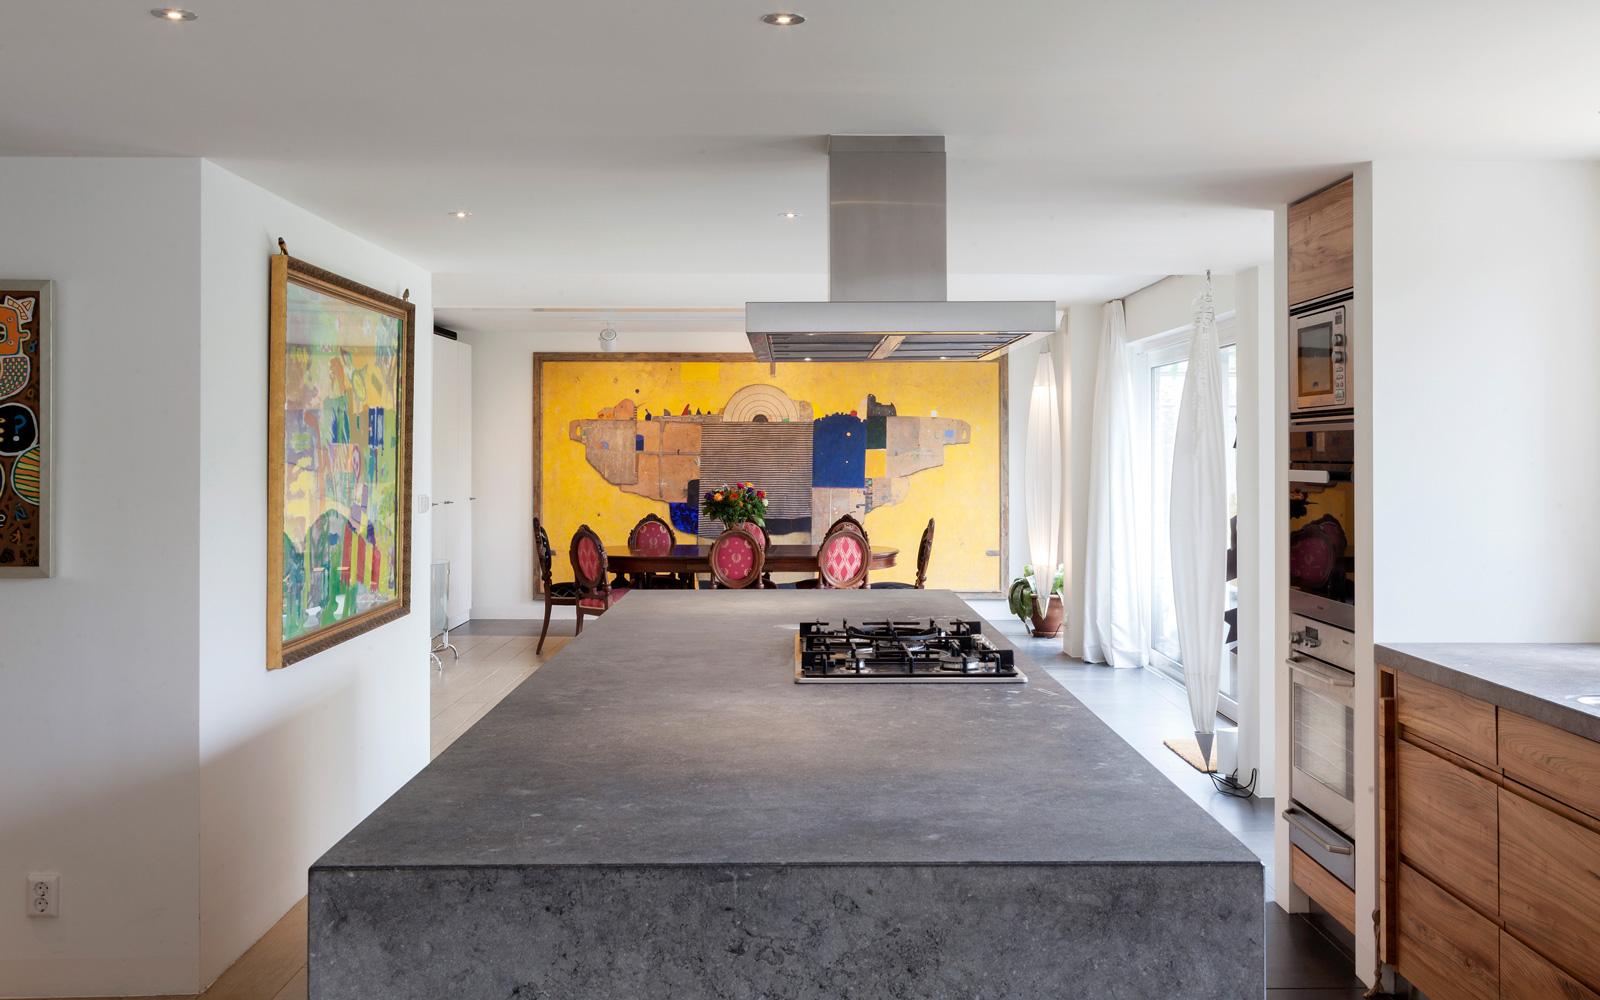 The art of living, Exclusief wonen, Olthaar Ontwerpen, Kookeiland, Exclusieve woning, Interieurdesign